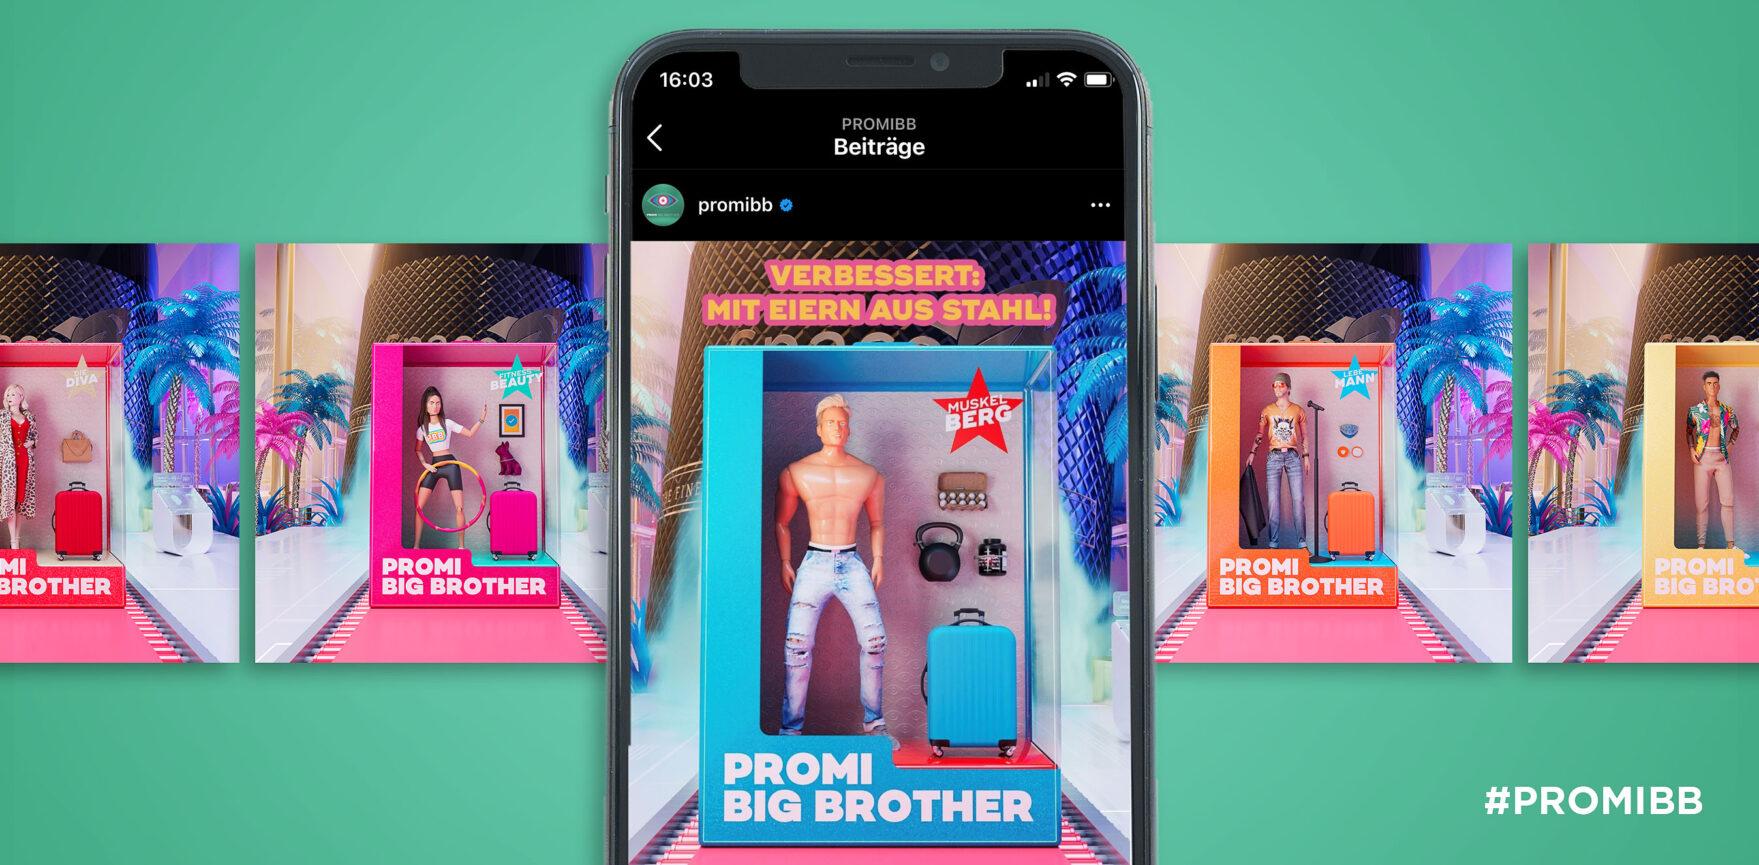 Social Media Post Promi Big Brother